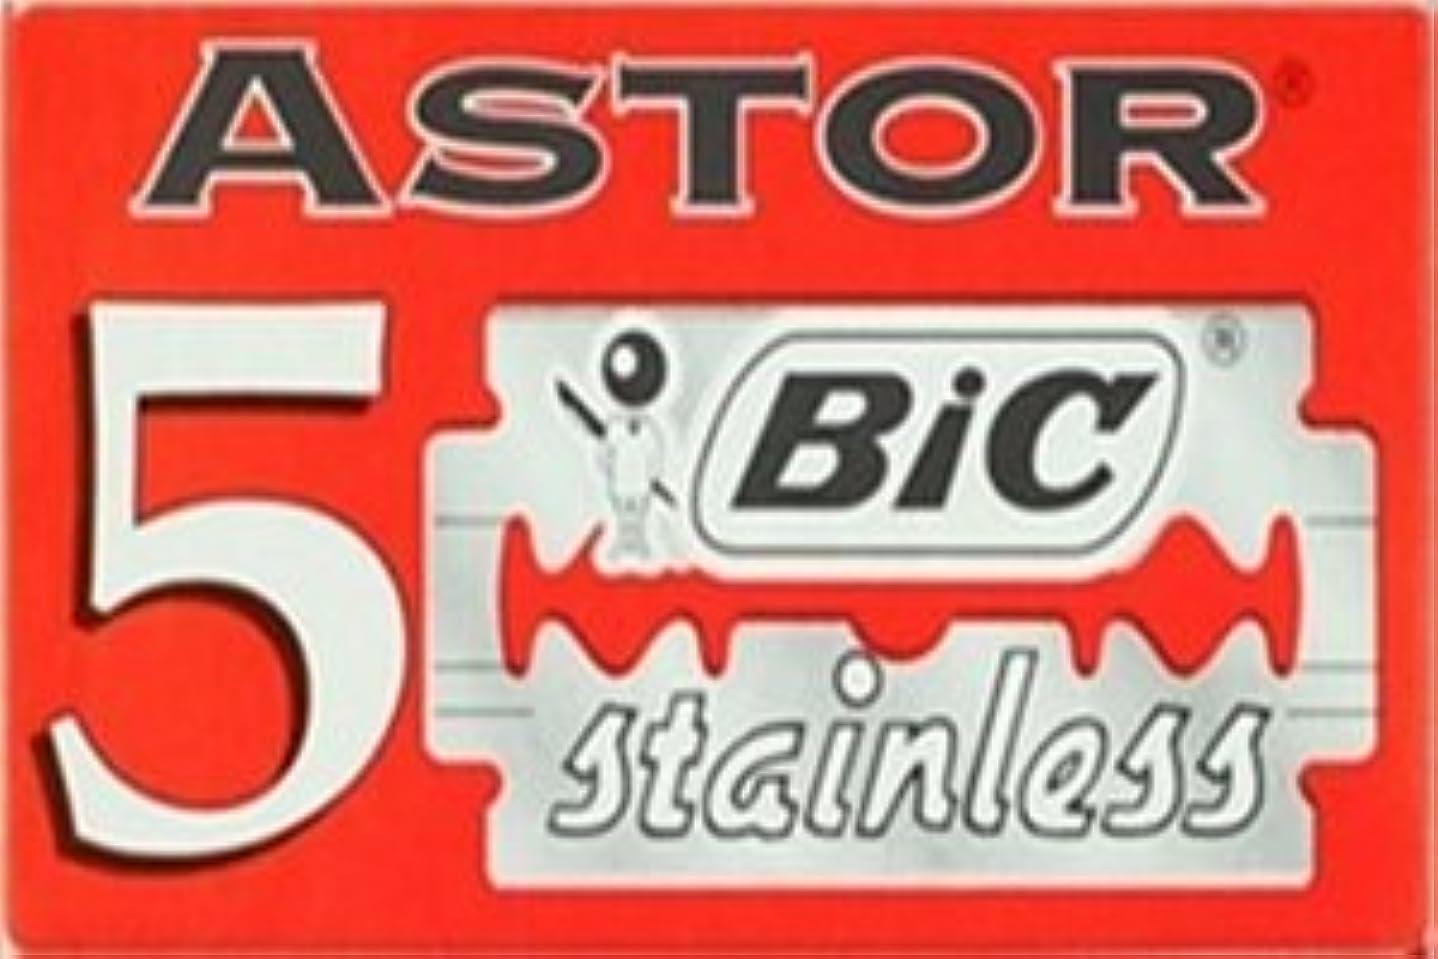 かすかな賭け計算するBIC Astor Stainless 両刃替刃 5枚入り(5枚入り1 個セット)【並行輸入品】